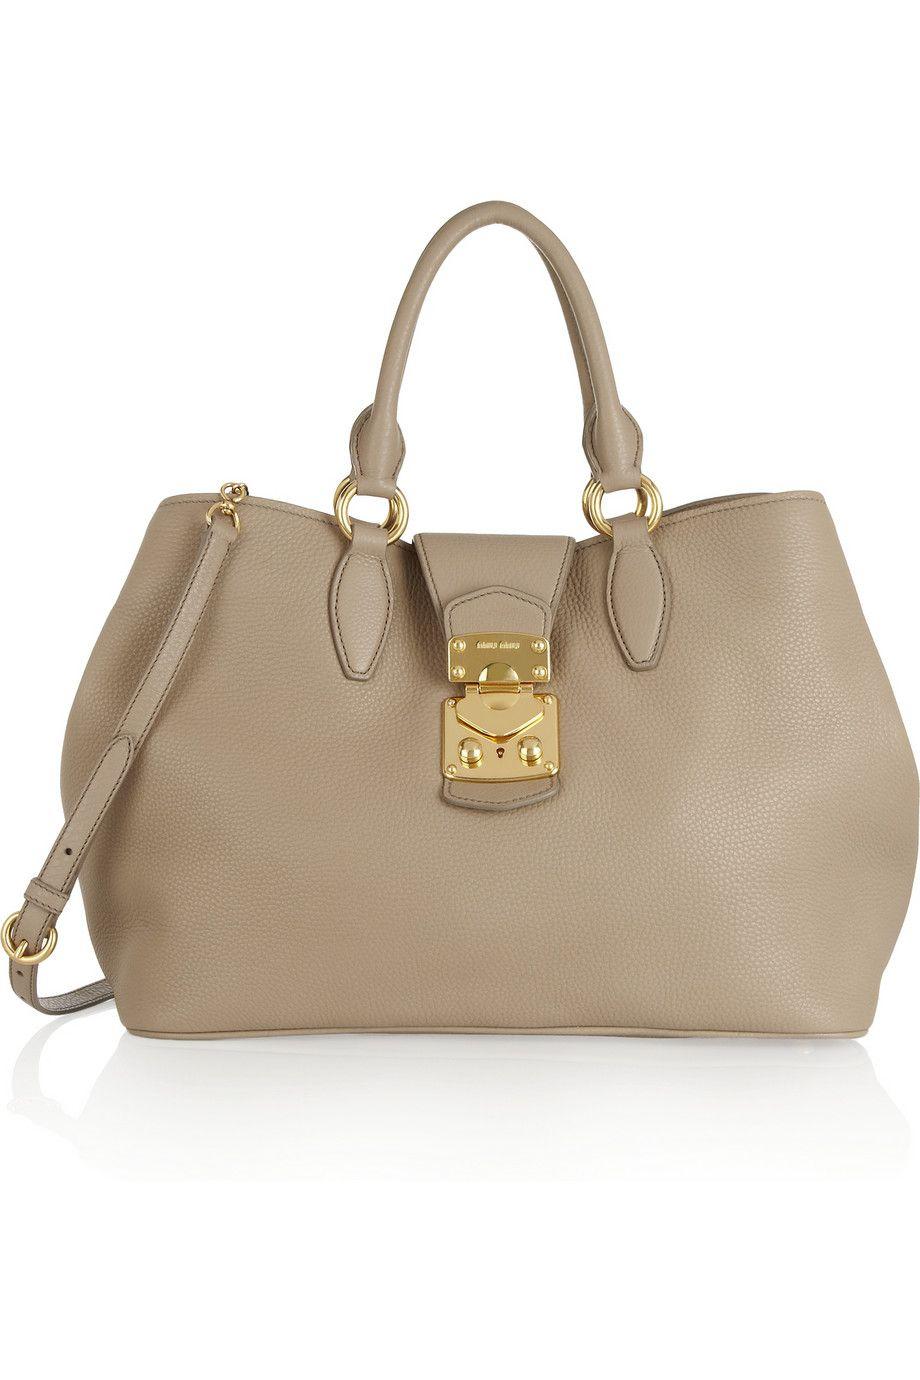 Explore Bolsas De Mulheres, Bolsas De Grife e muito mais! Miu Miu   Leather  tote ... 5349733196